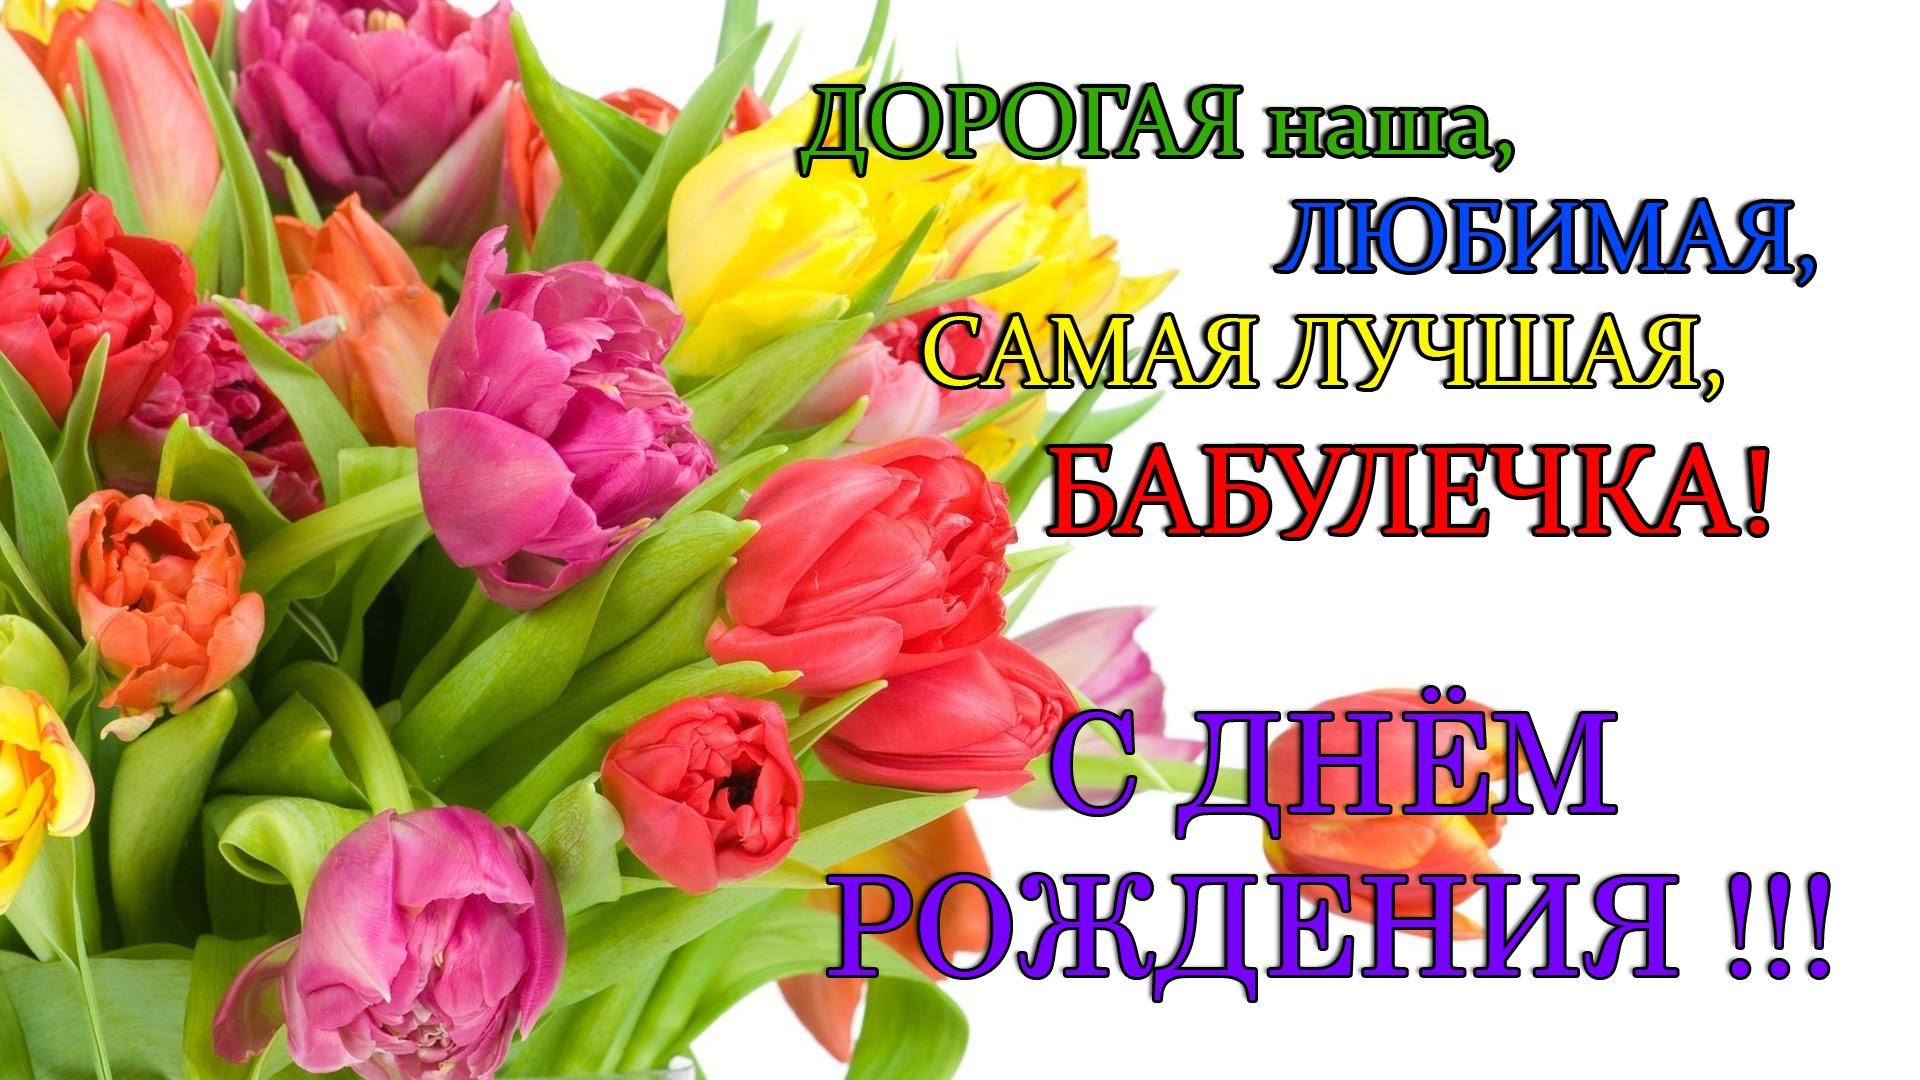 Поздравление с днем рождения бабушке гале